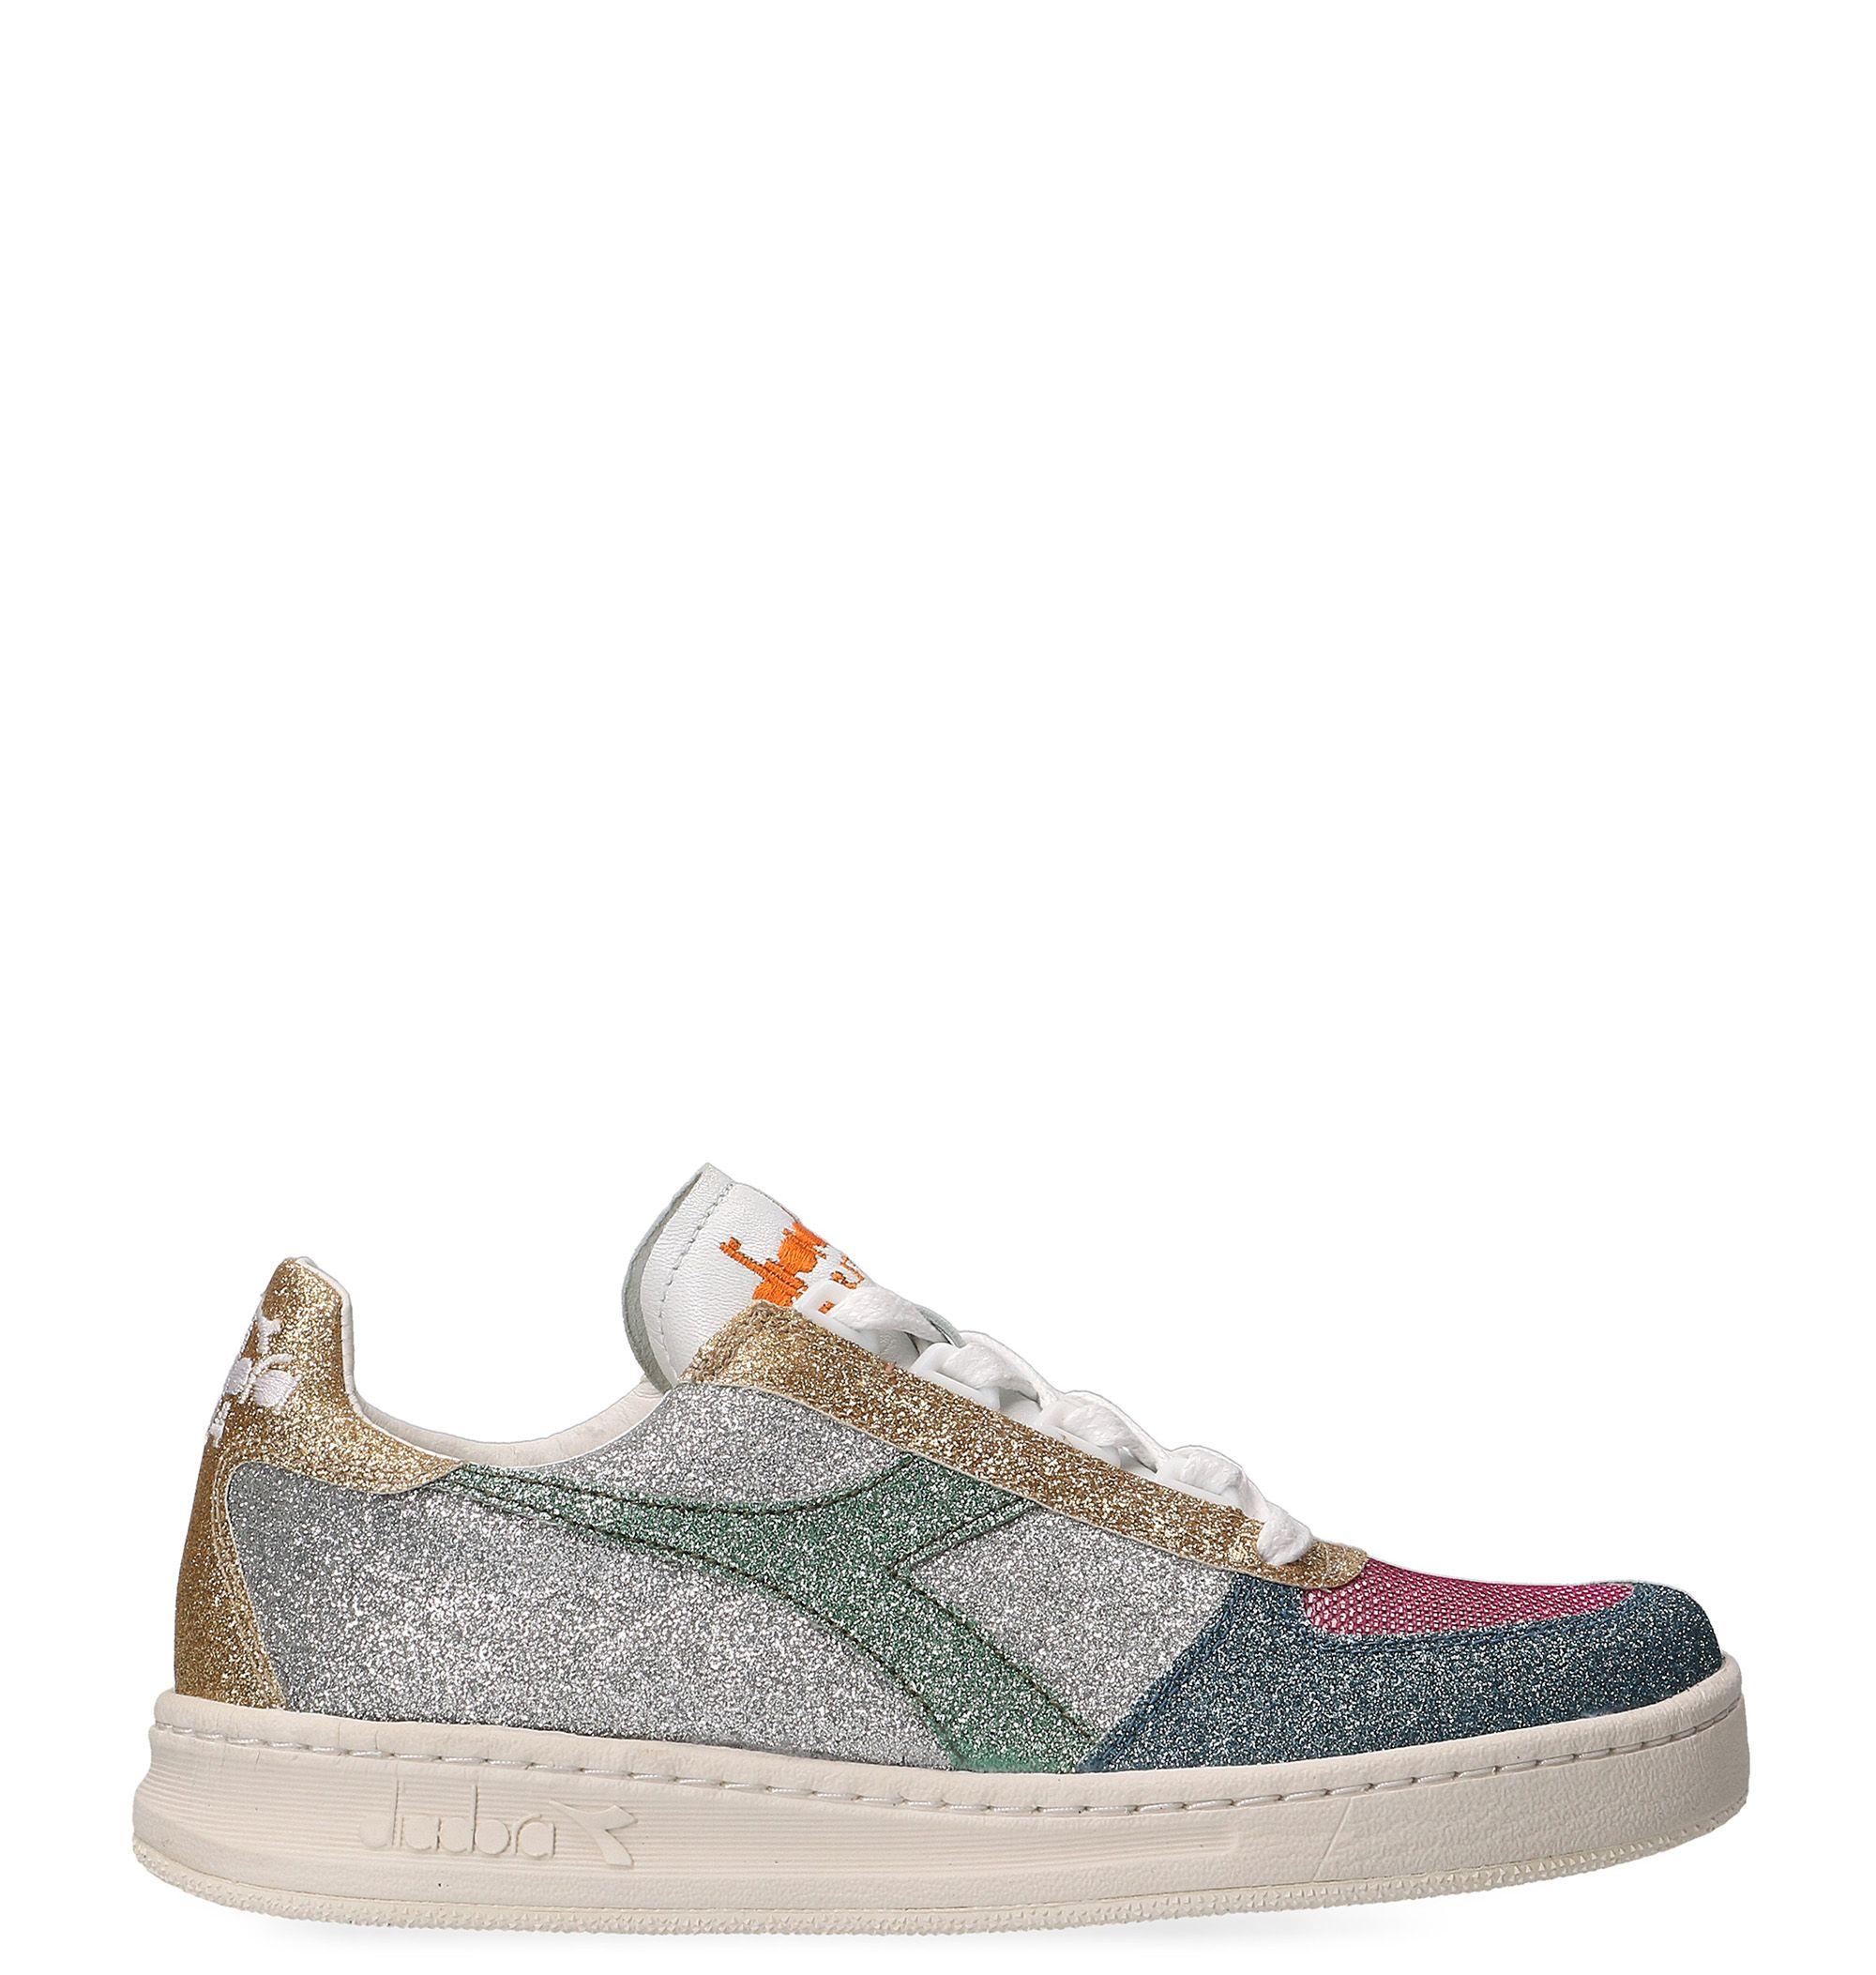 Diadora Multicolor Glitter Sneakers